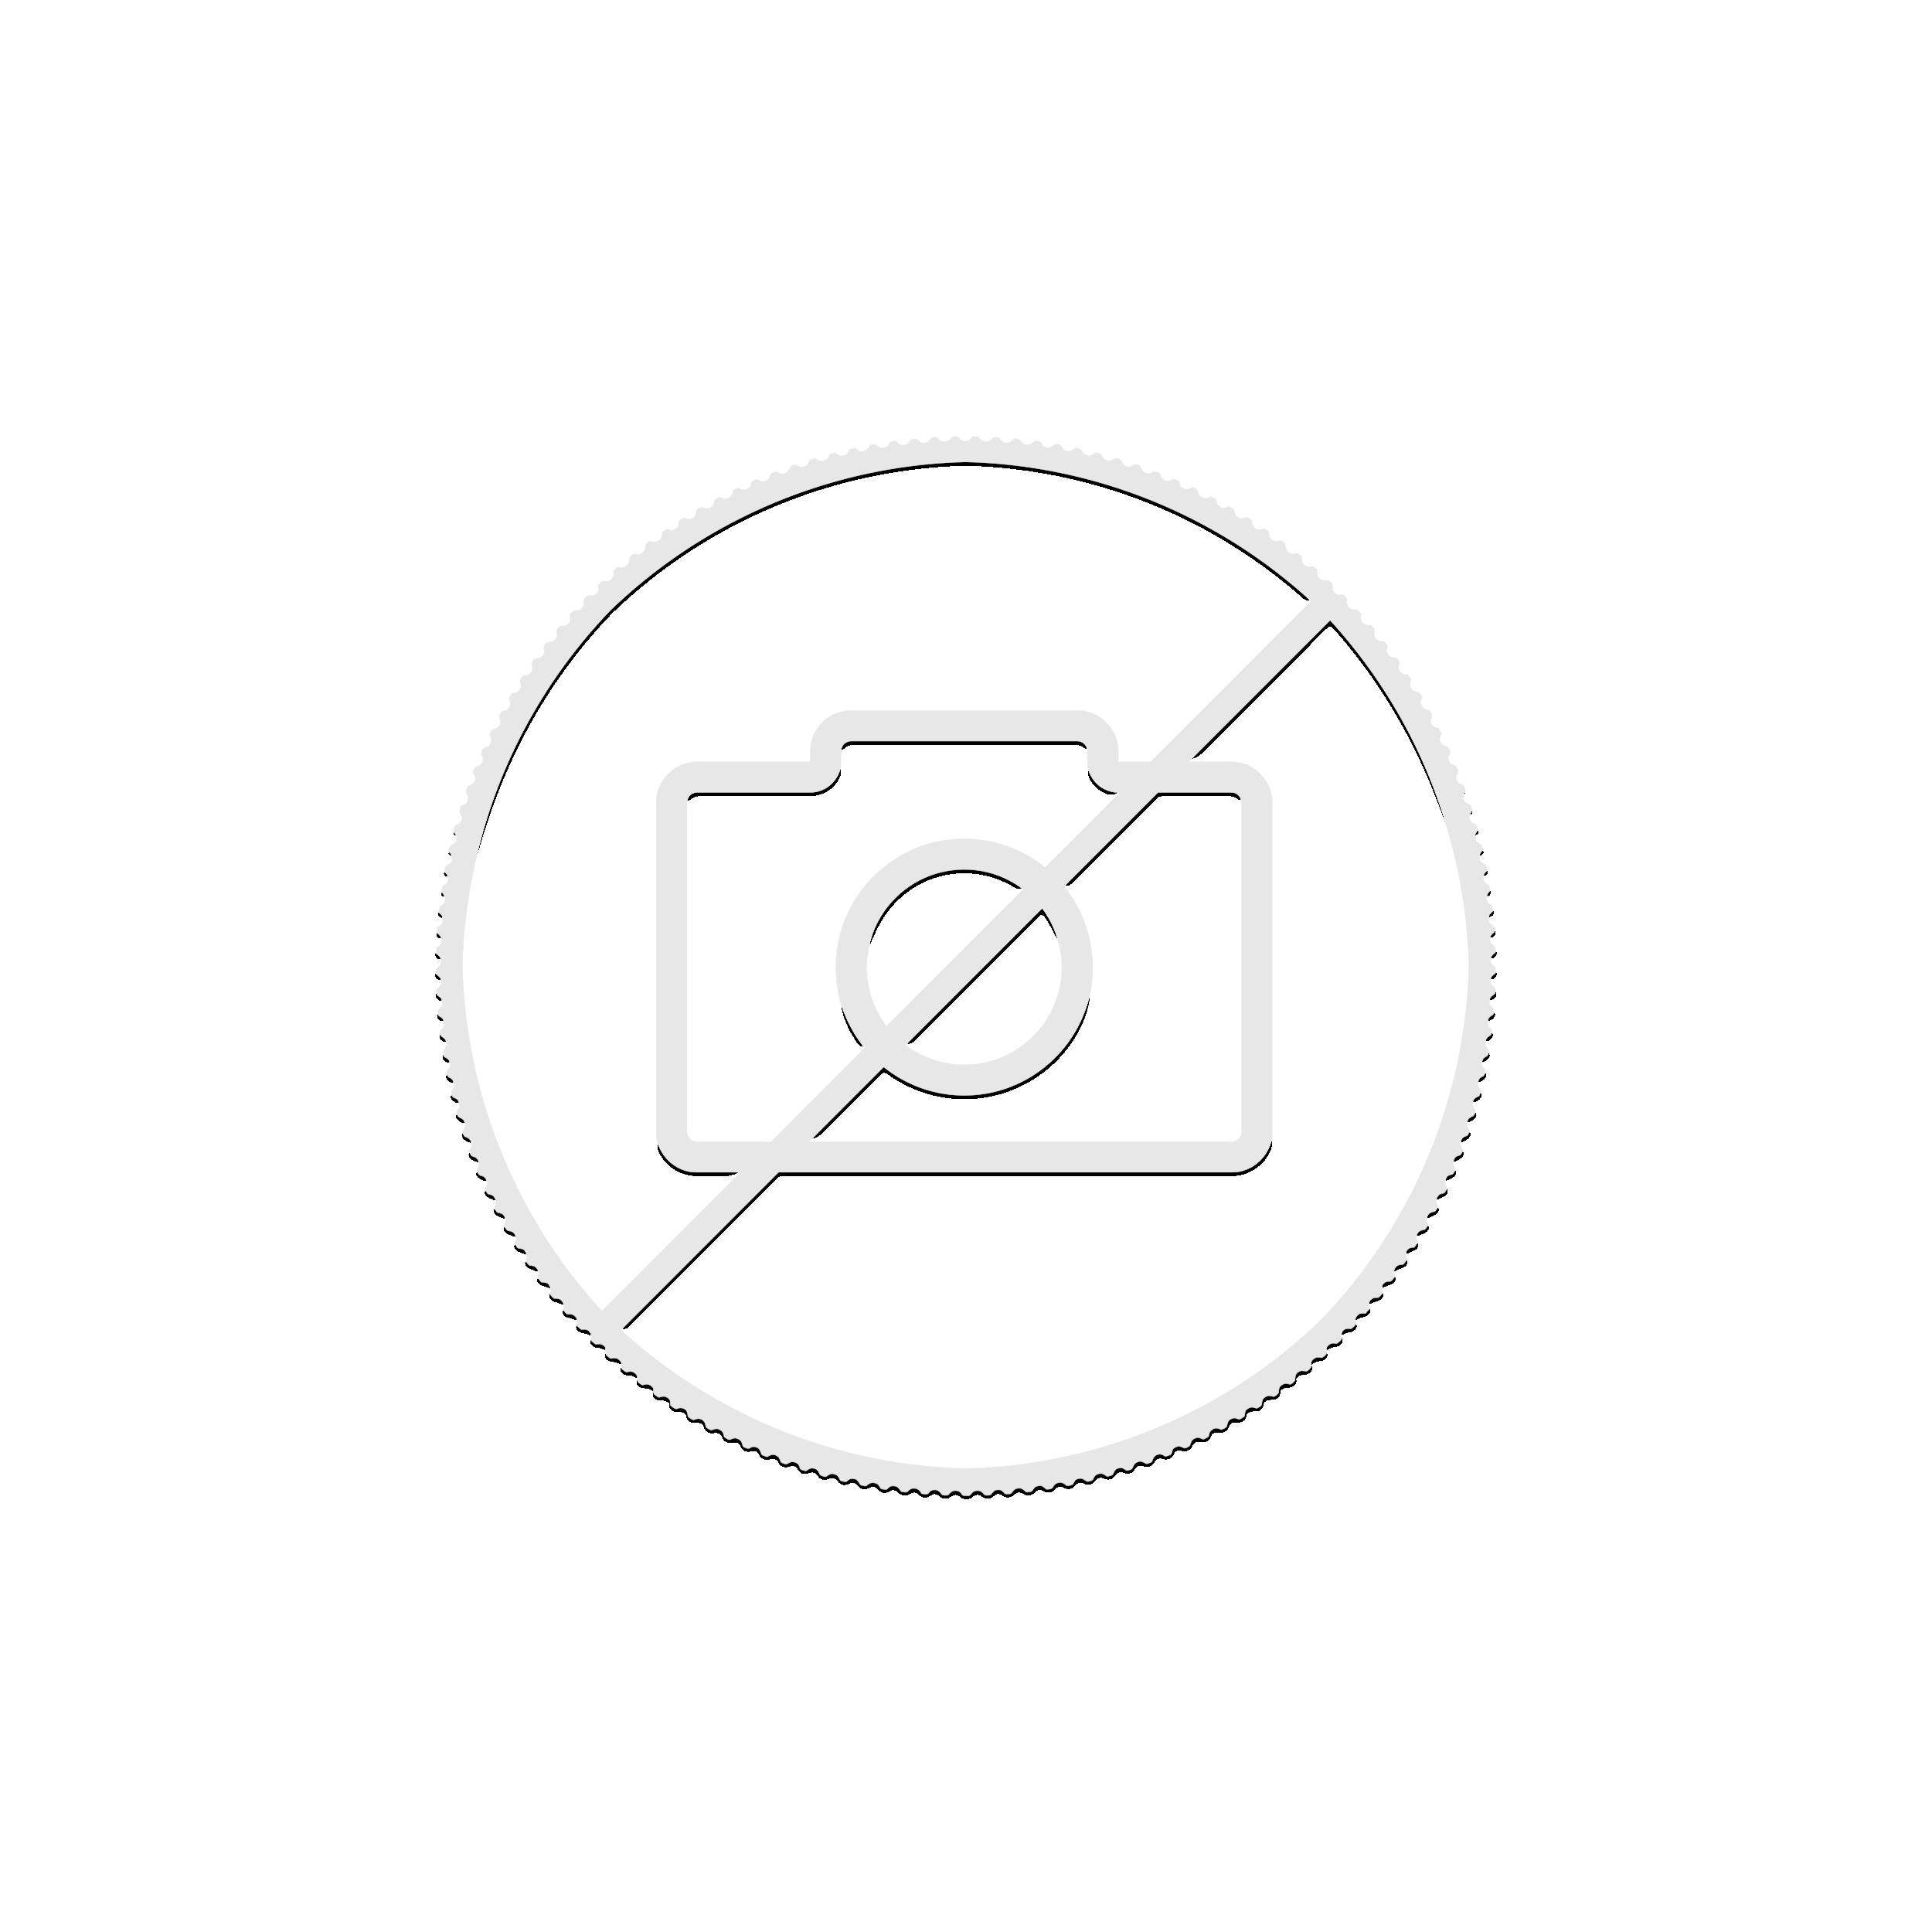 1/2 Troy ounce gold coin Kangaroo